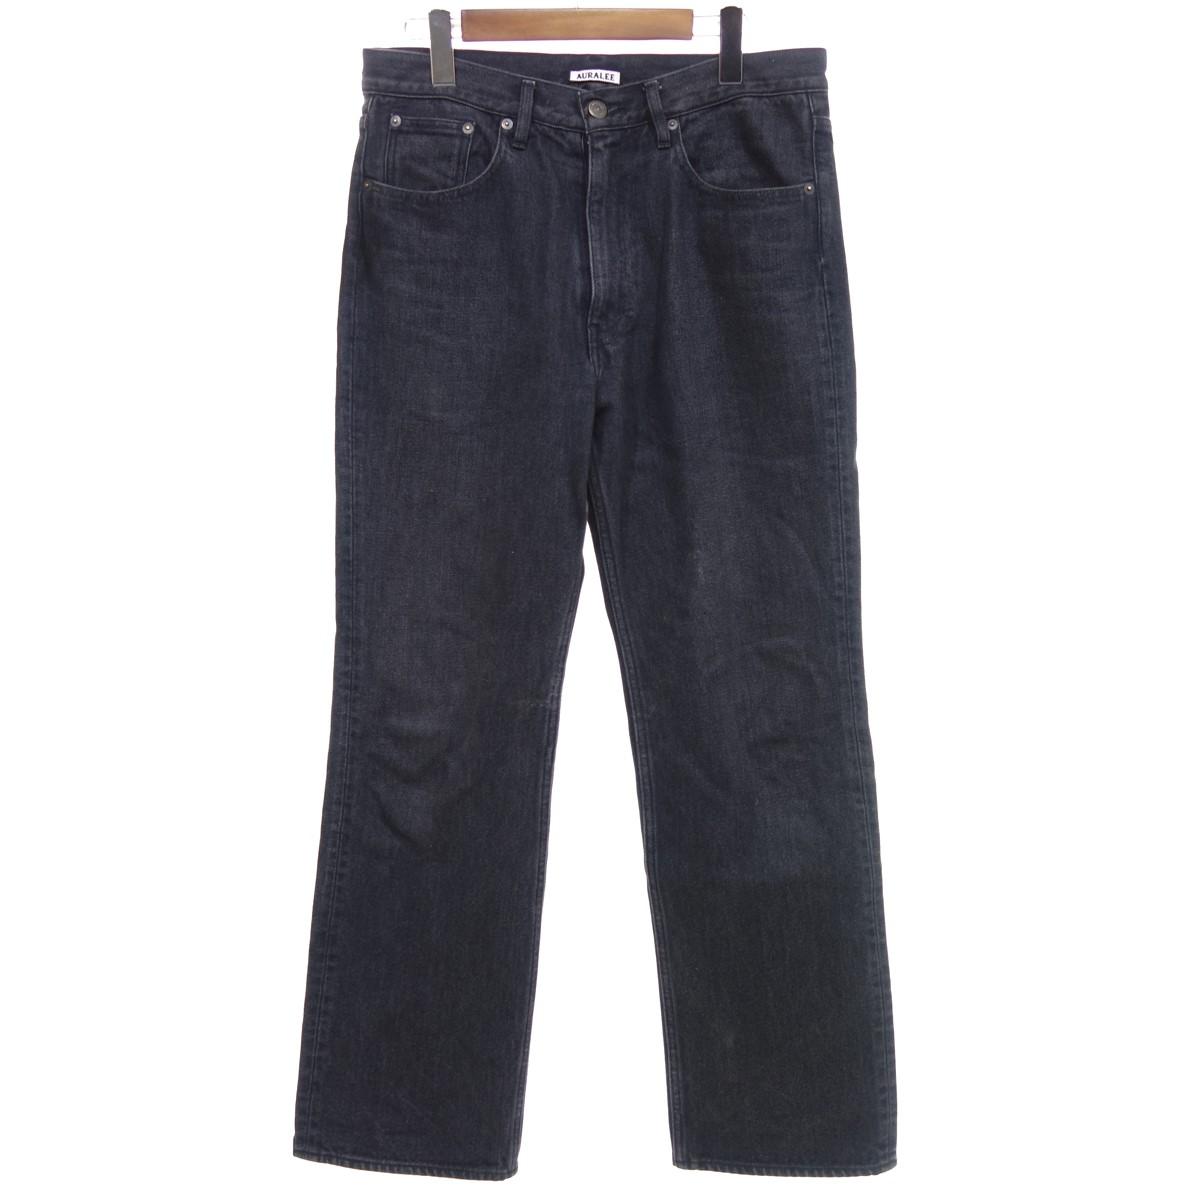 【中古】AURALEE 【2020S/S】 WASHED HARD TWIST DENIM 5P PANTS パンツ ブラック サイズ:30 【050420】(オーラリー)